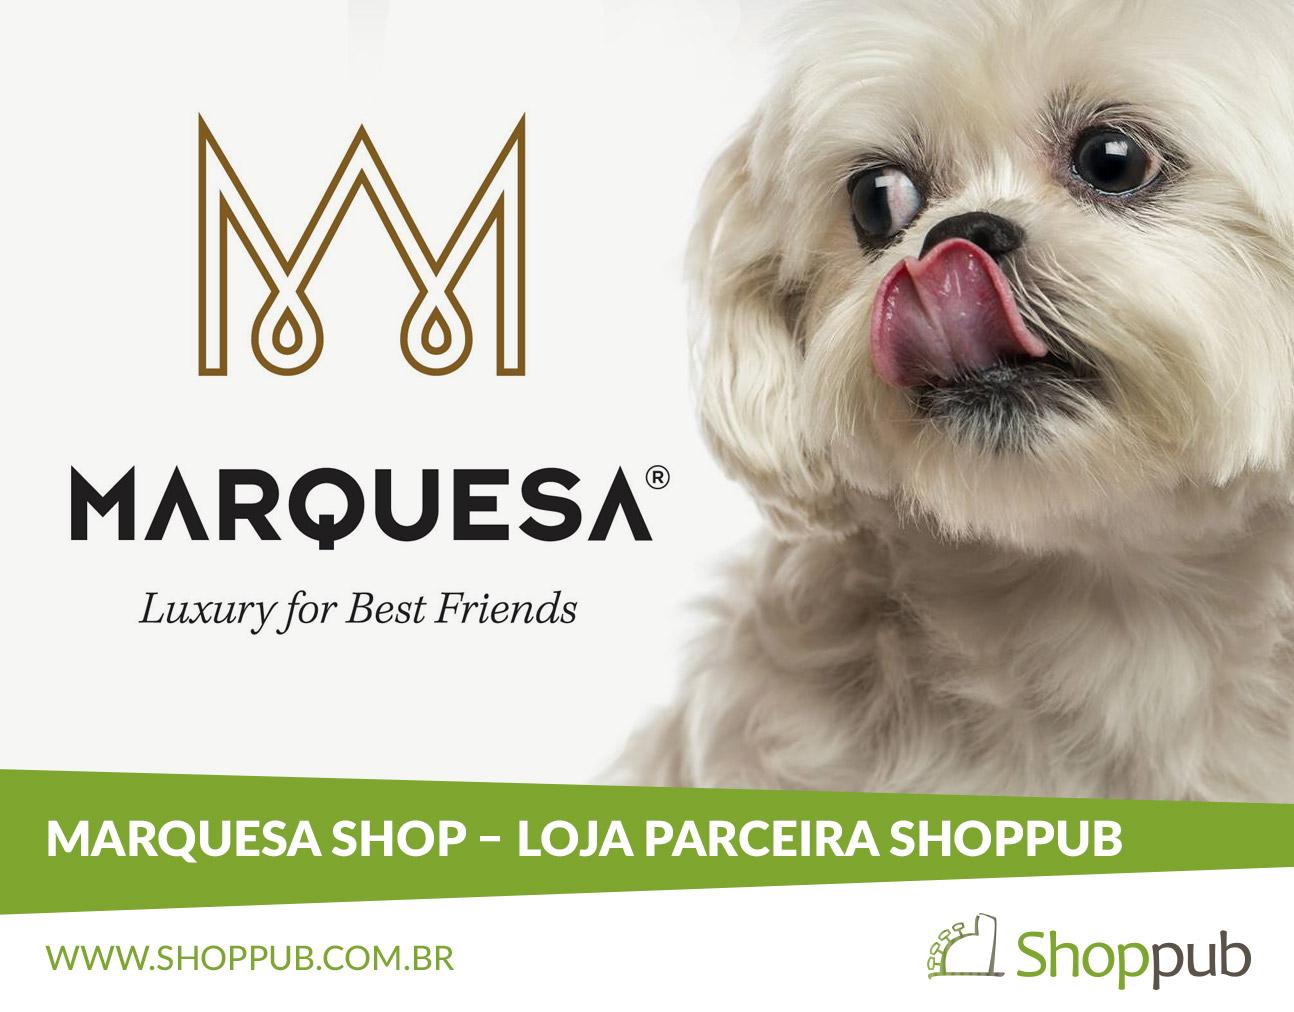 Marquesa Shop – Loja Parceira Shoppub